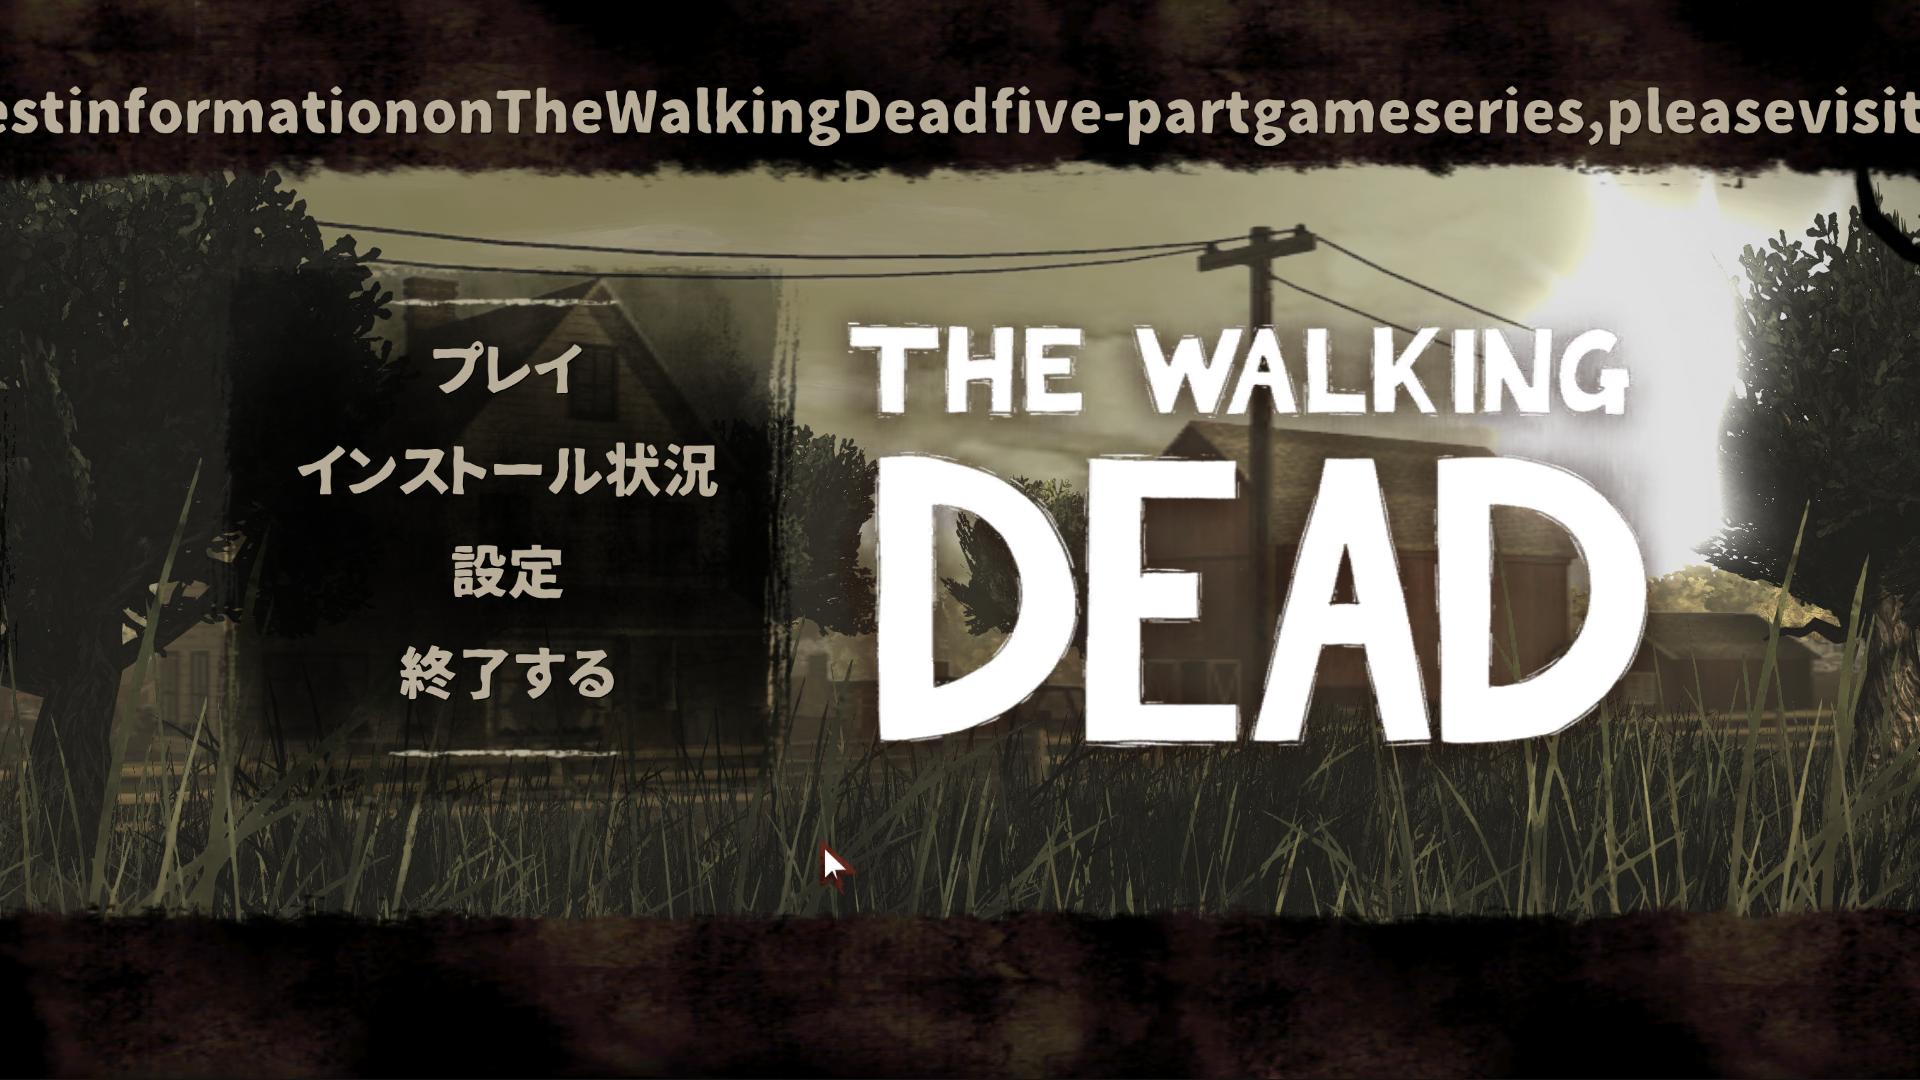 WalkingDead101 2016-01-24 20-47-31-97